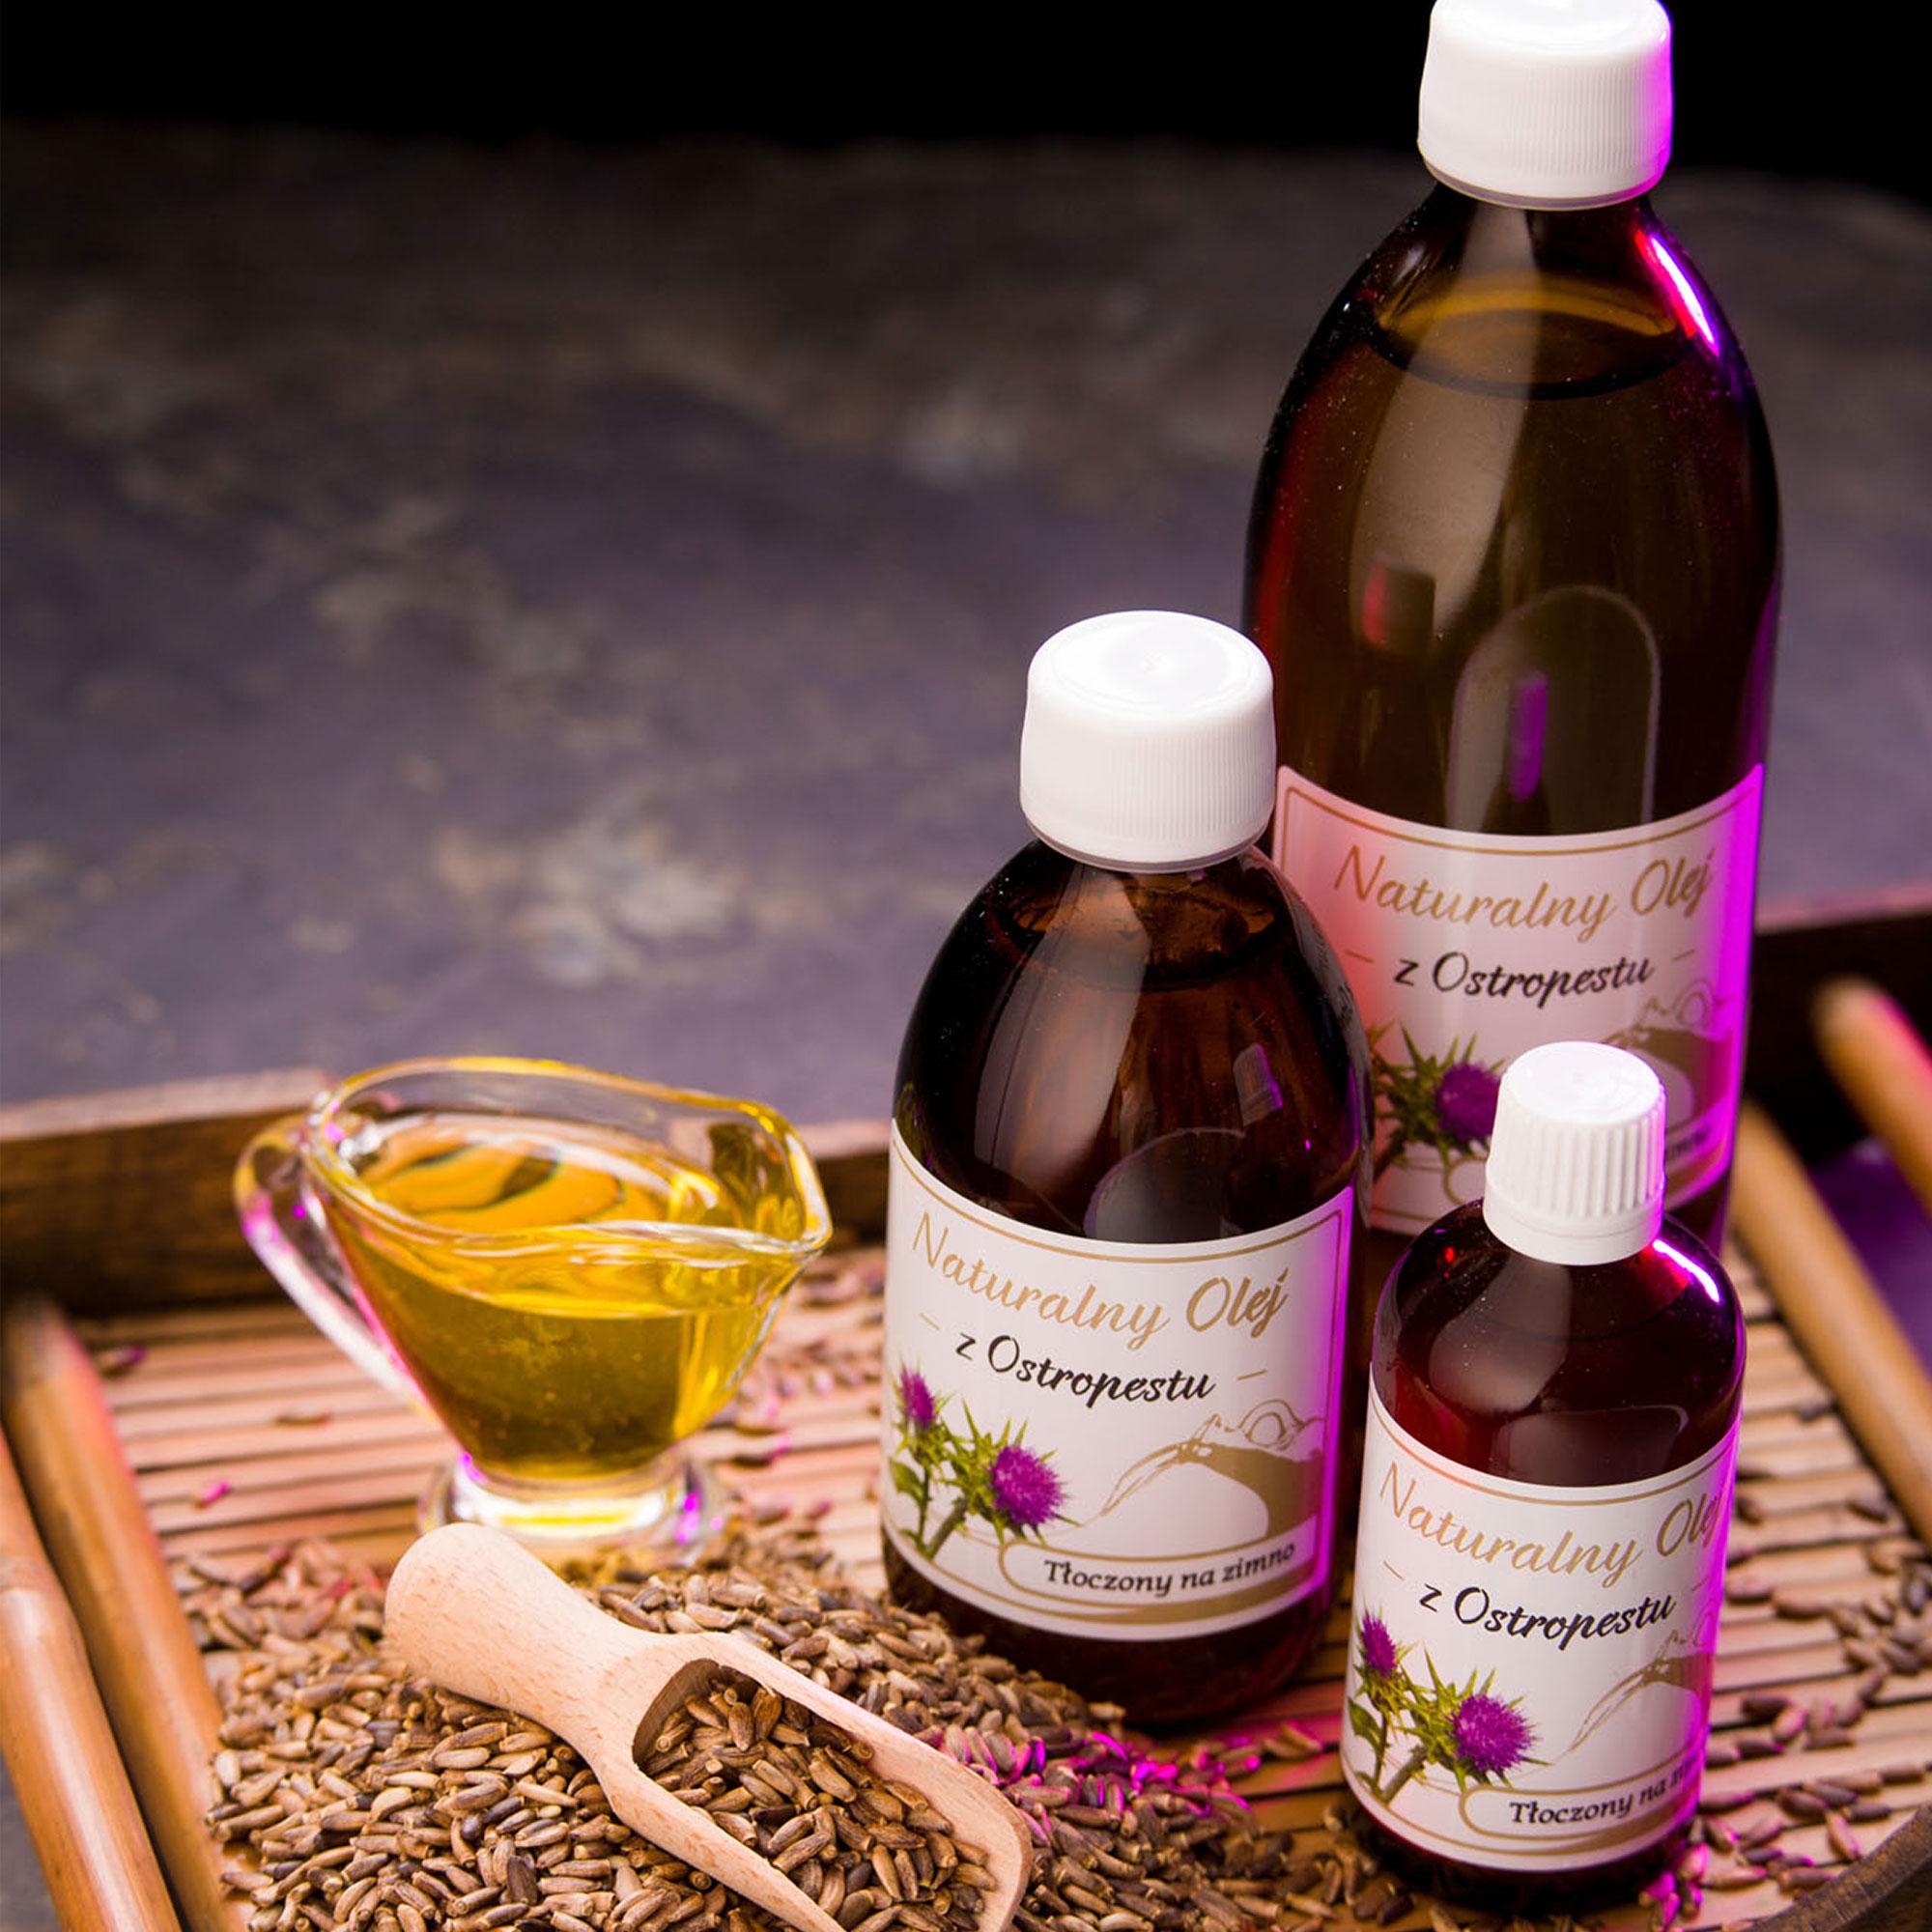 Zdjęcie reklamowe dla Miramar Sp. z o.o. - olej z ostropestu